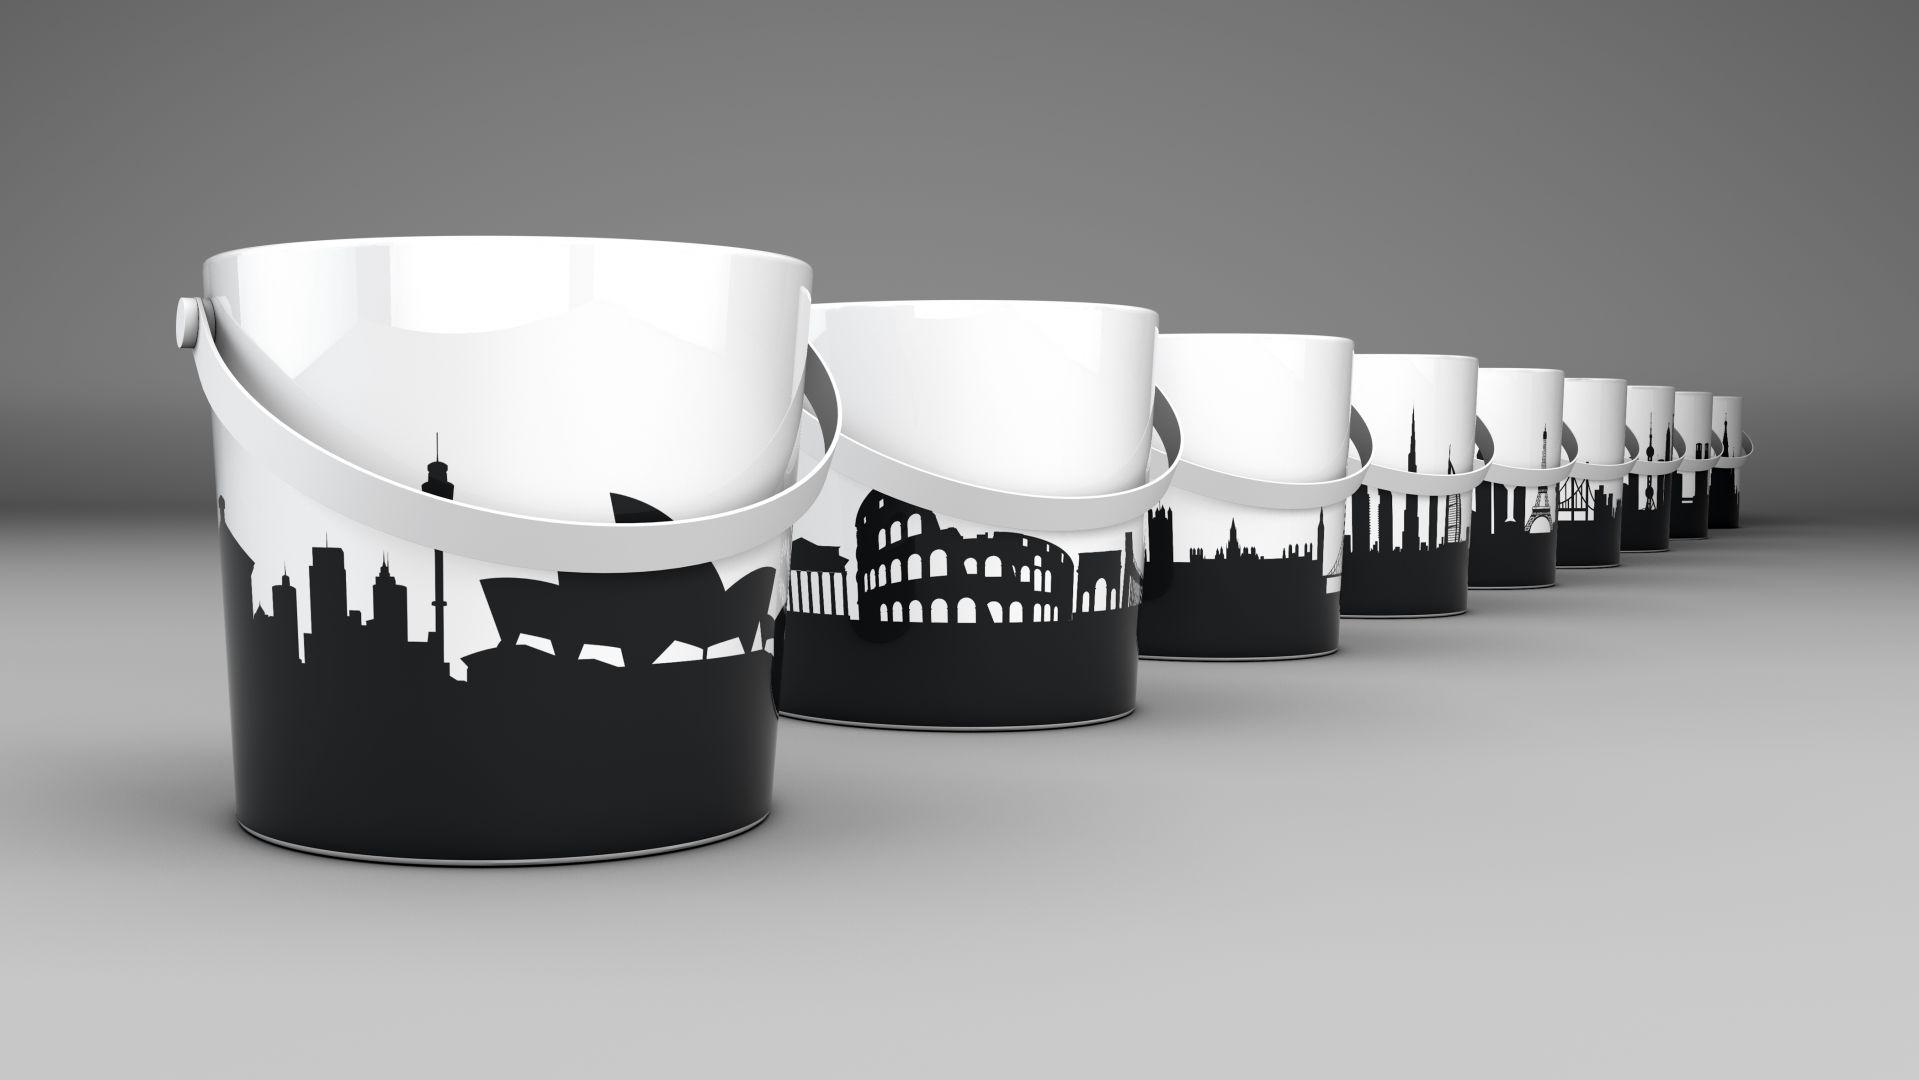 Umywalki z serii Bucket marki Scarabeo Ceramiche nawiązujące swoim wyglądem do wiader. Fot. Scarabeo Ceramiche